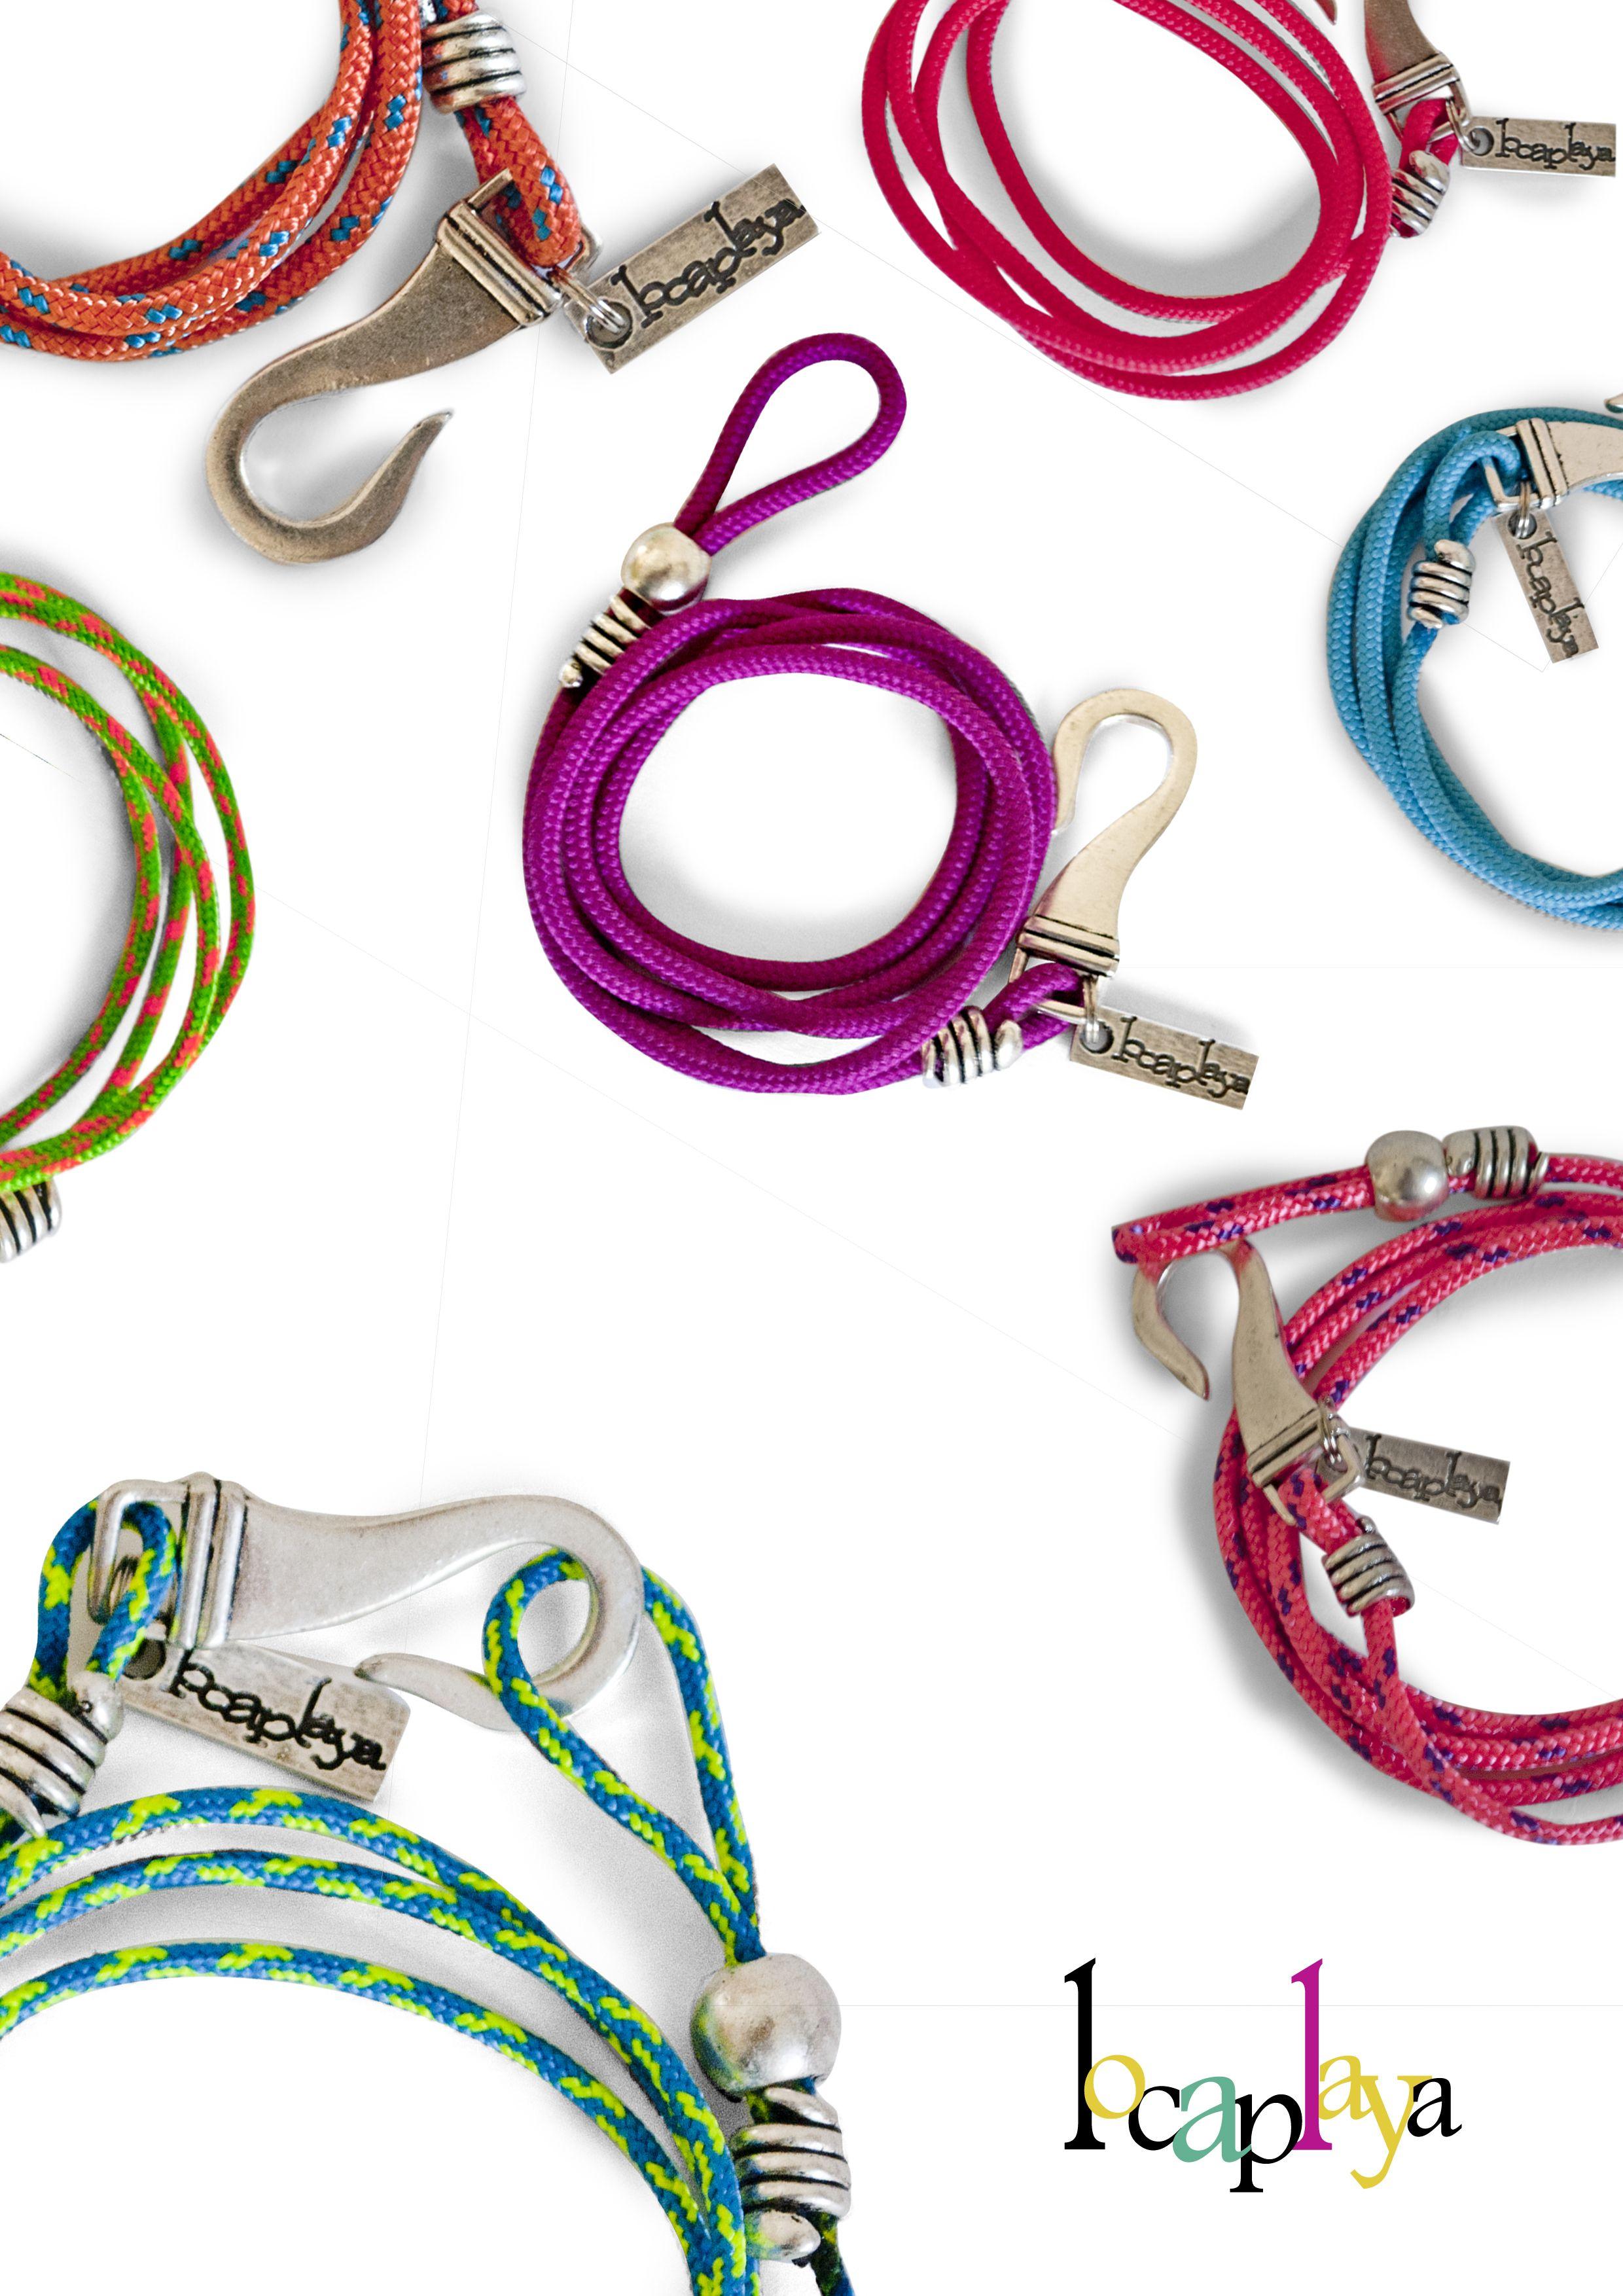 Locaplaya: Unisex Bracelet Beachwear